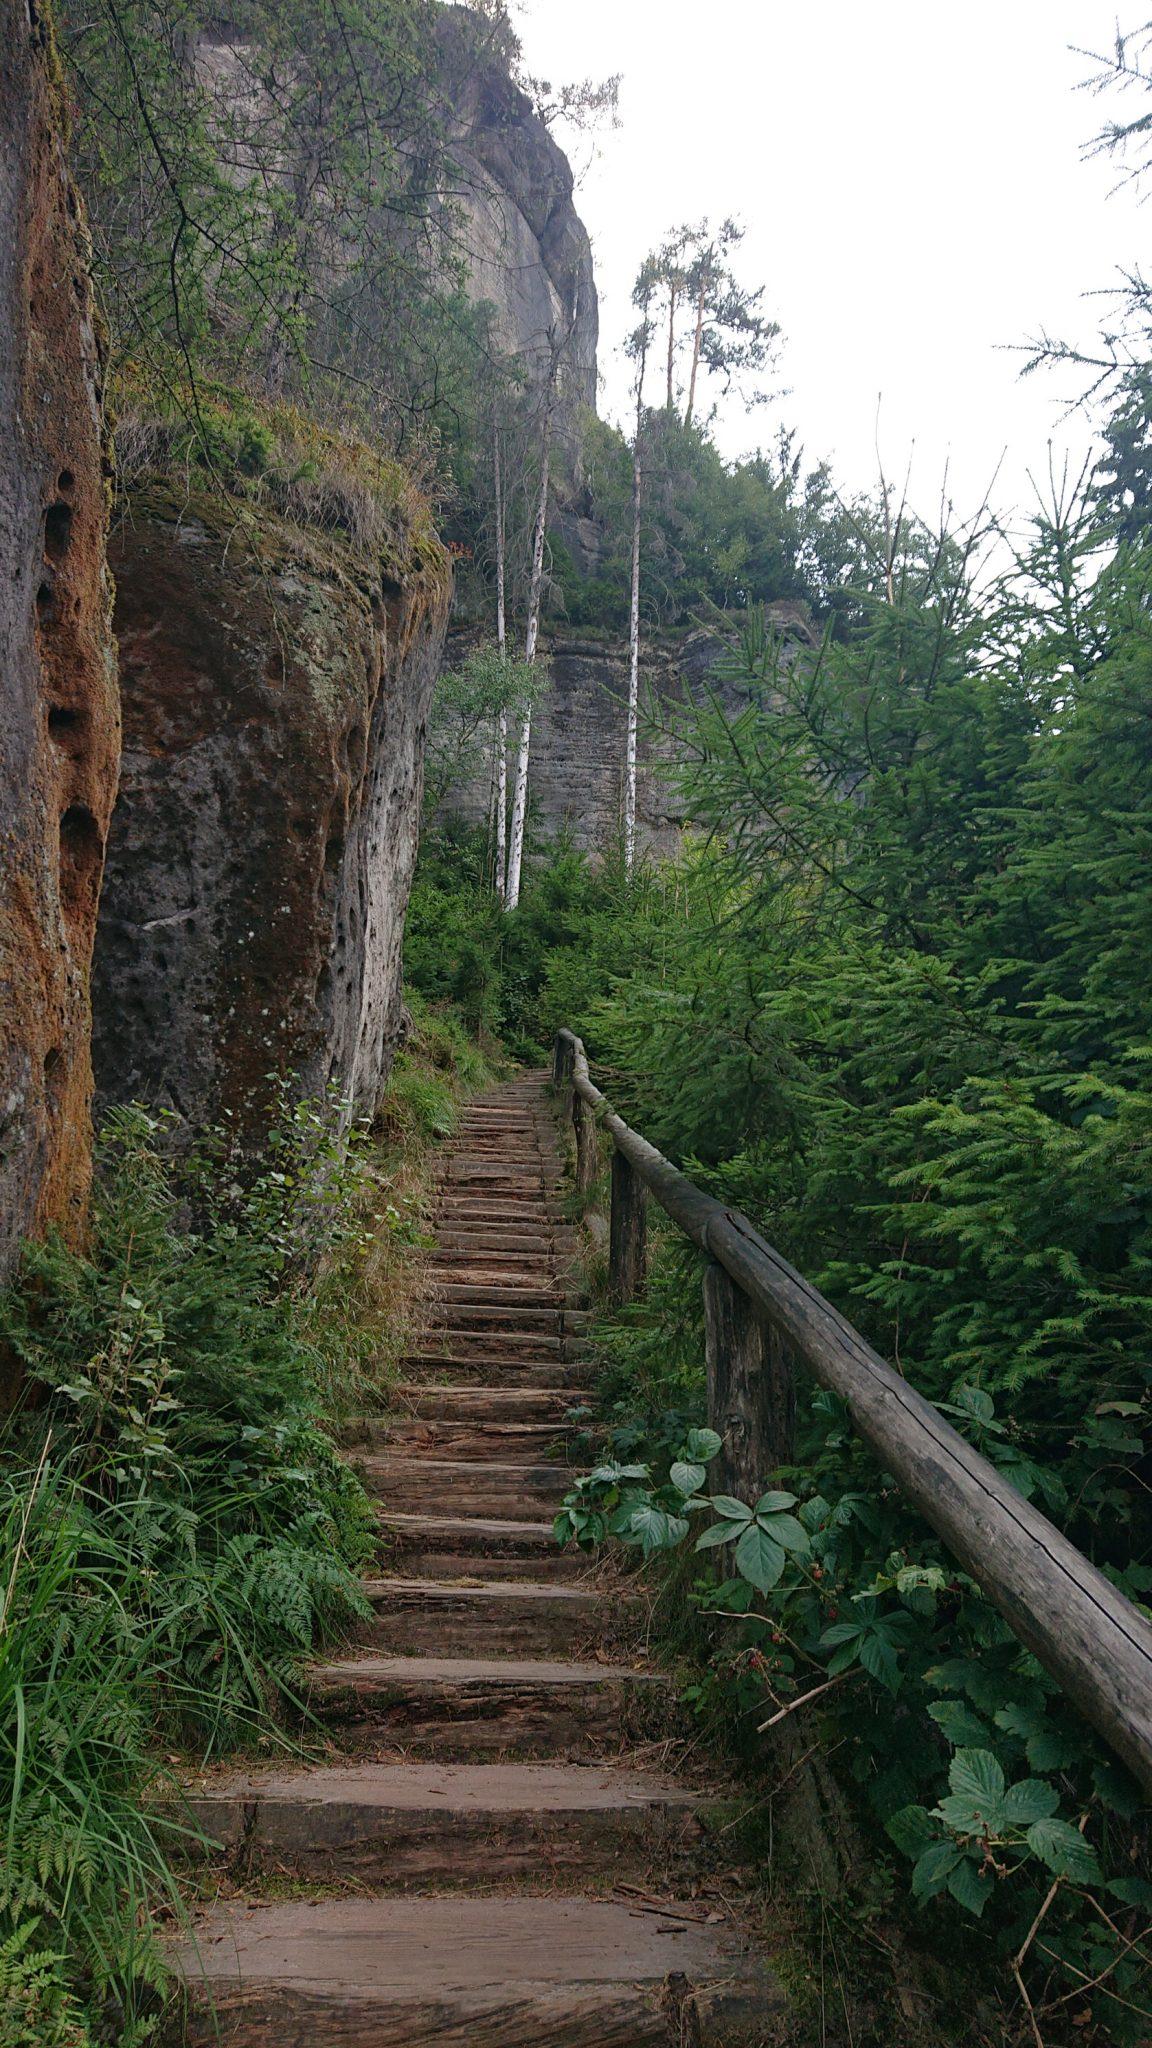 Affensteinweg Frienstein Carolafelsen und Wilde Hölle, Wanderweg im Wanderparadies Sächsische Schweiz mit vielen tollen Aussichten, riesiger Felsennationalpark, schöner Wald, unzählige Treppenstufen auf den Frienstein und zur Idagrotte